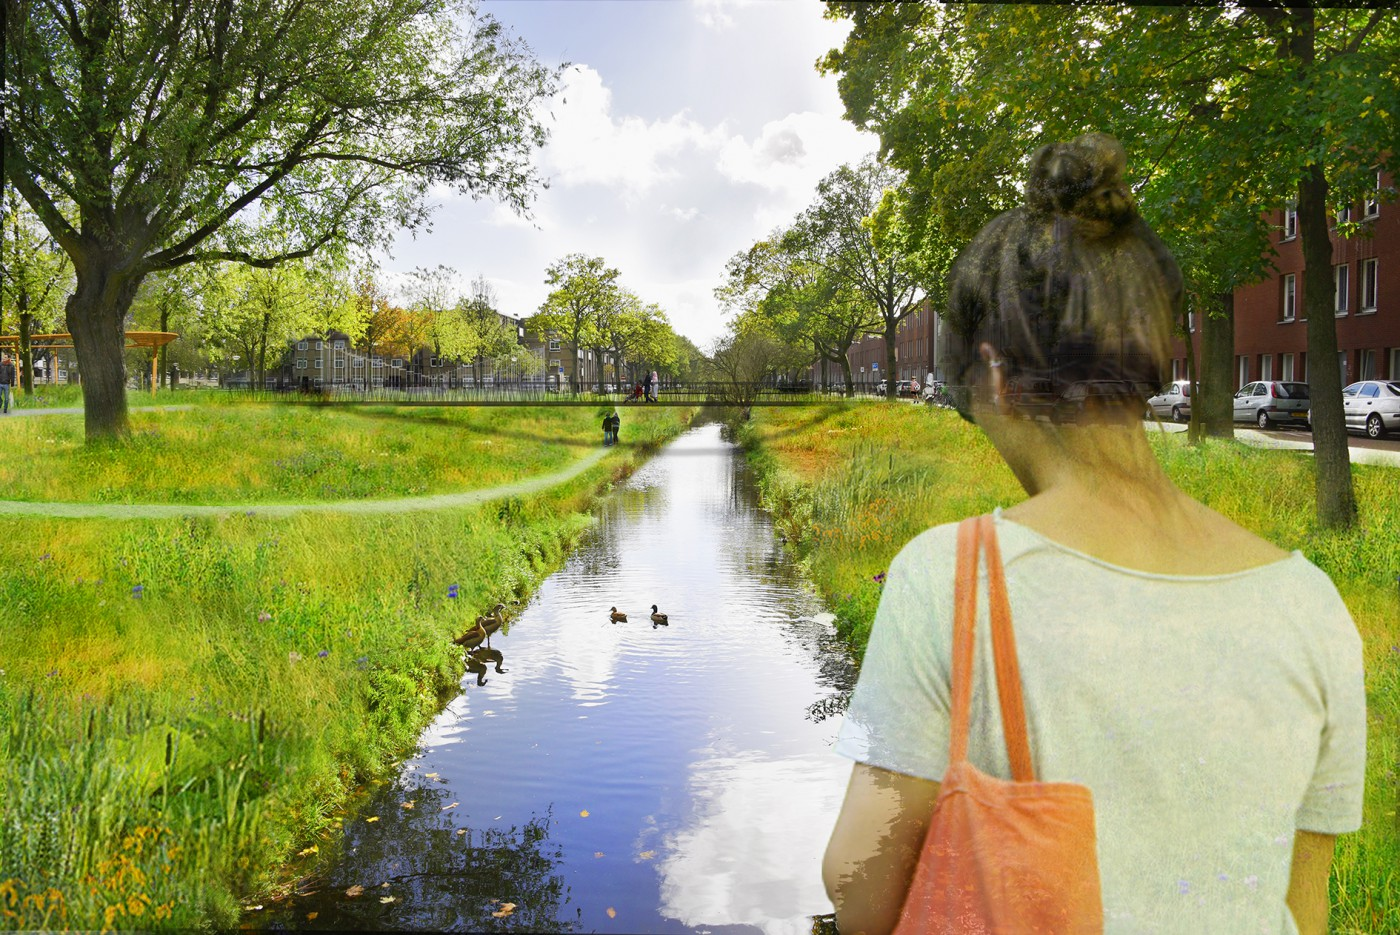 buro-sant-en-co-landschapsarchitectuur-cromvlietpark-den-haag-brug-noordpolderkade 2